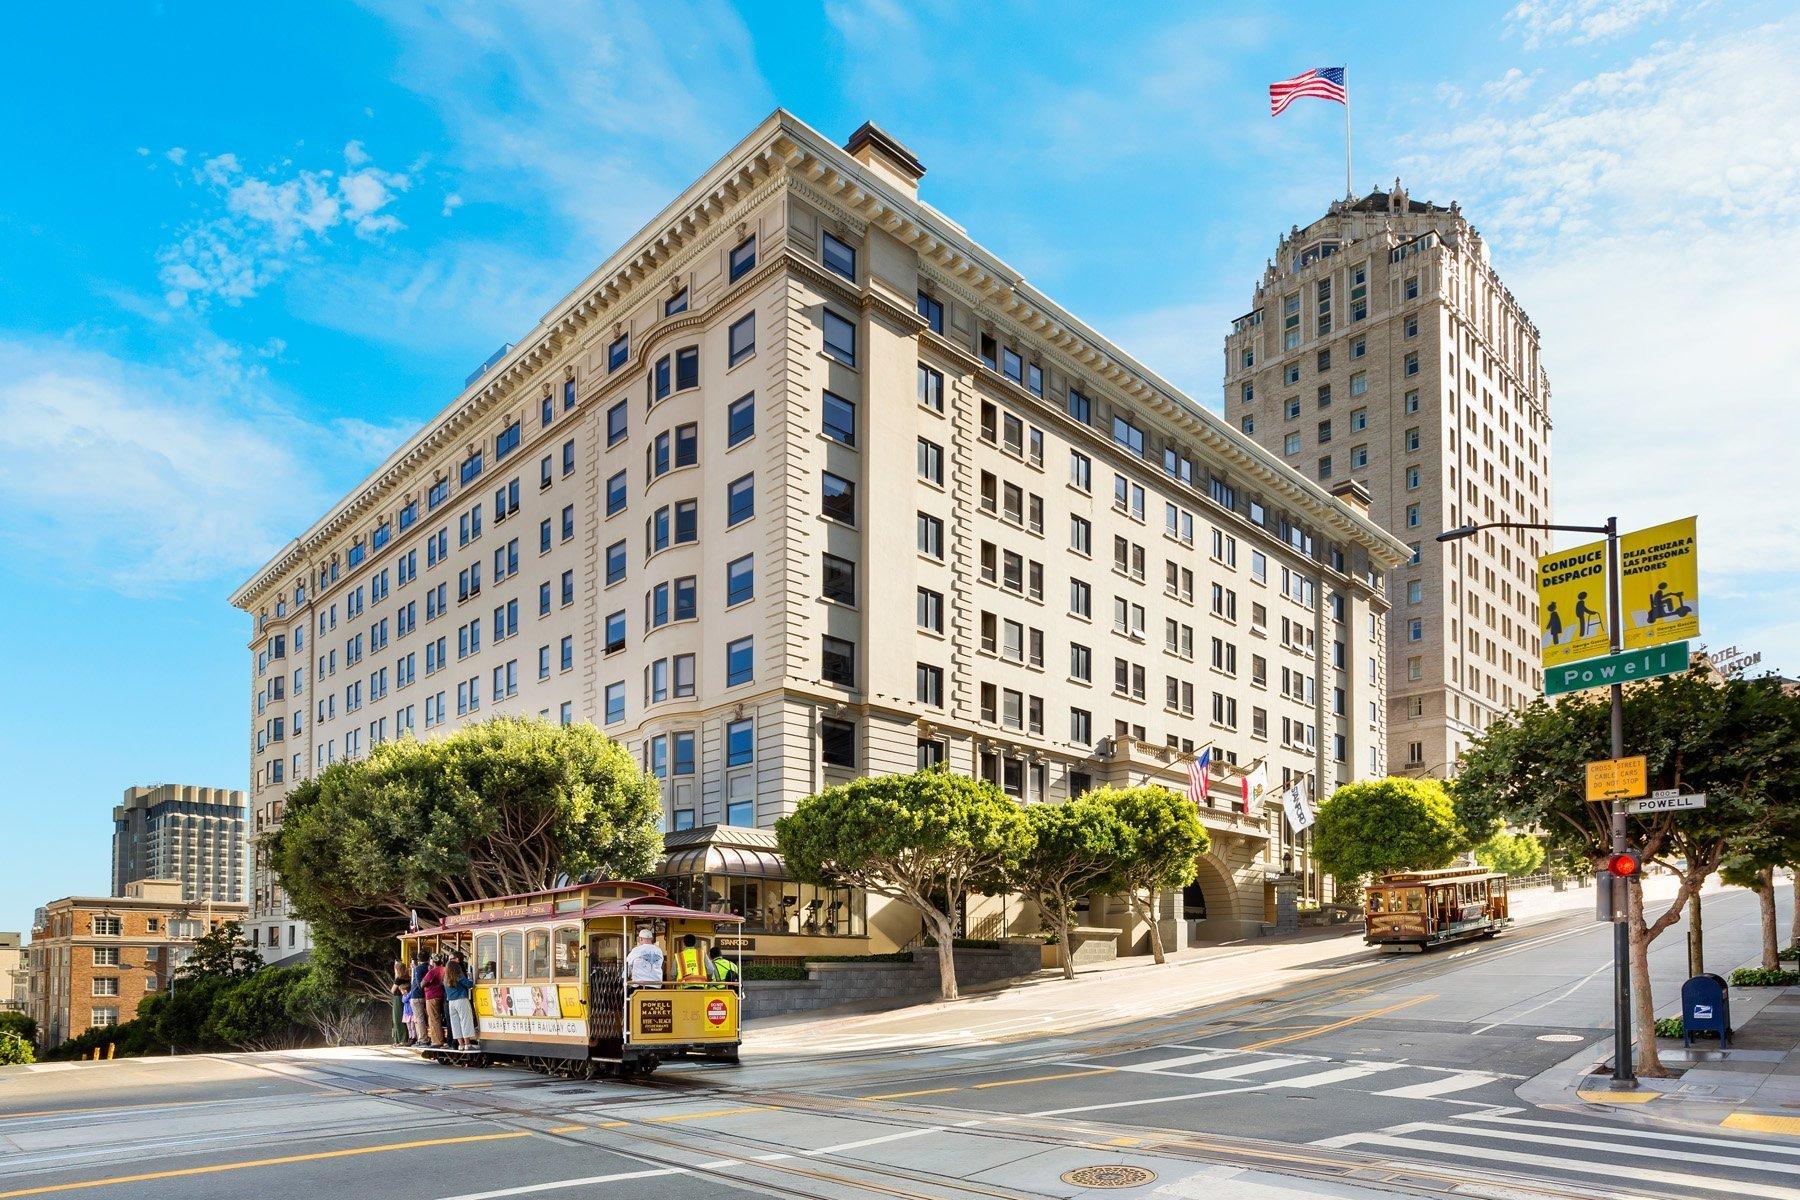 Stanford Court Hotel exterior